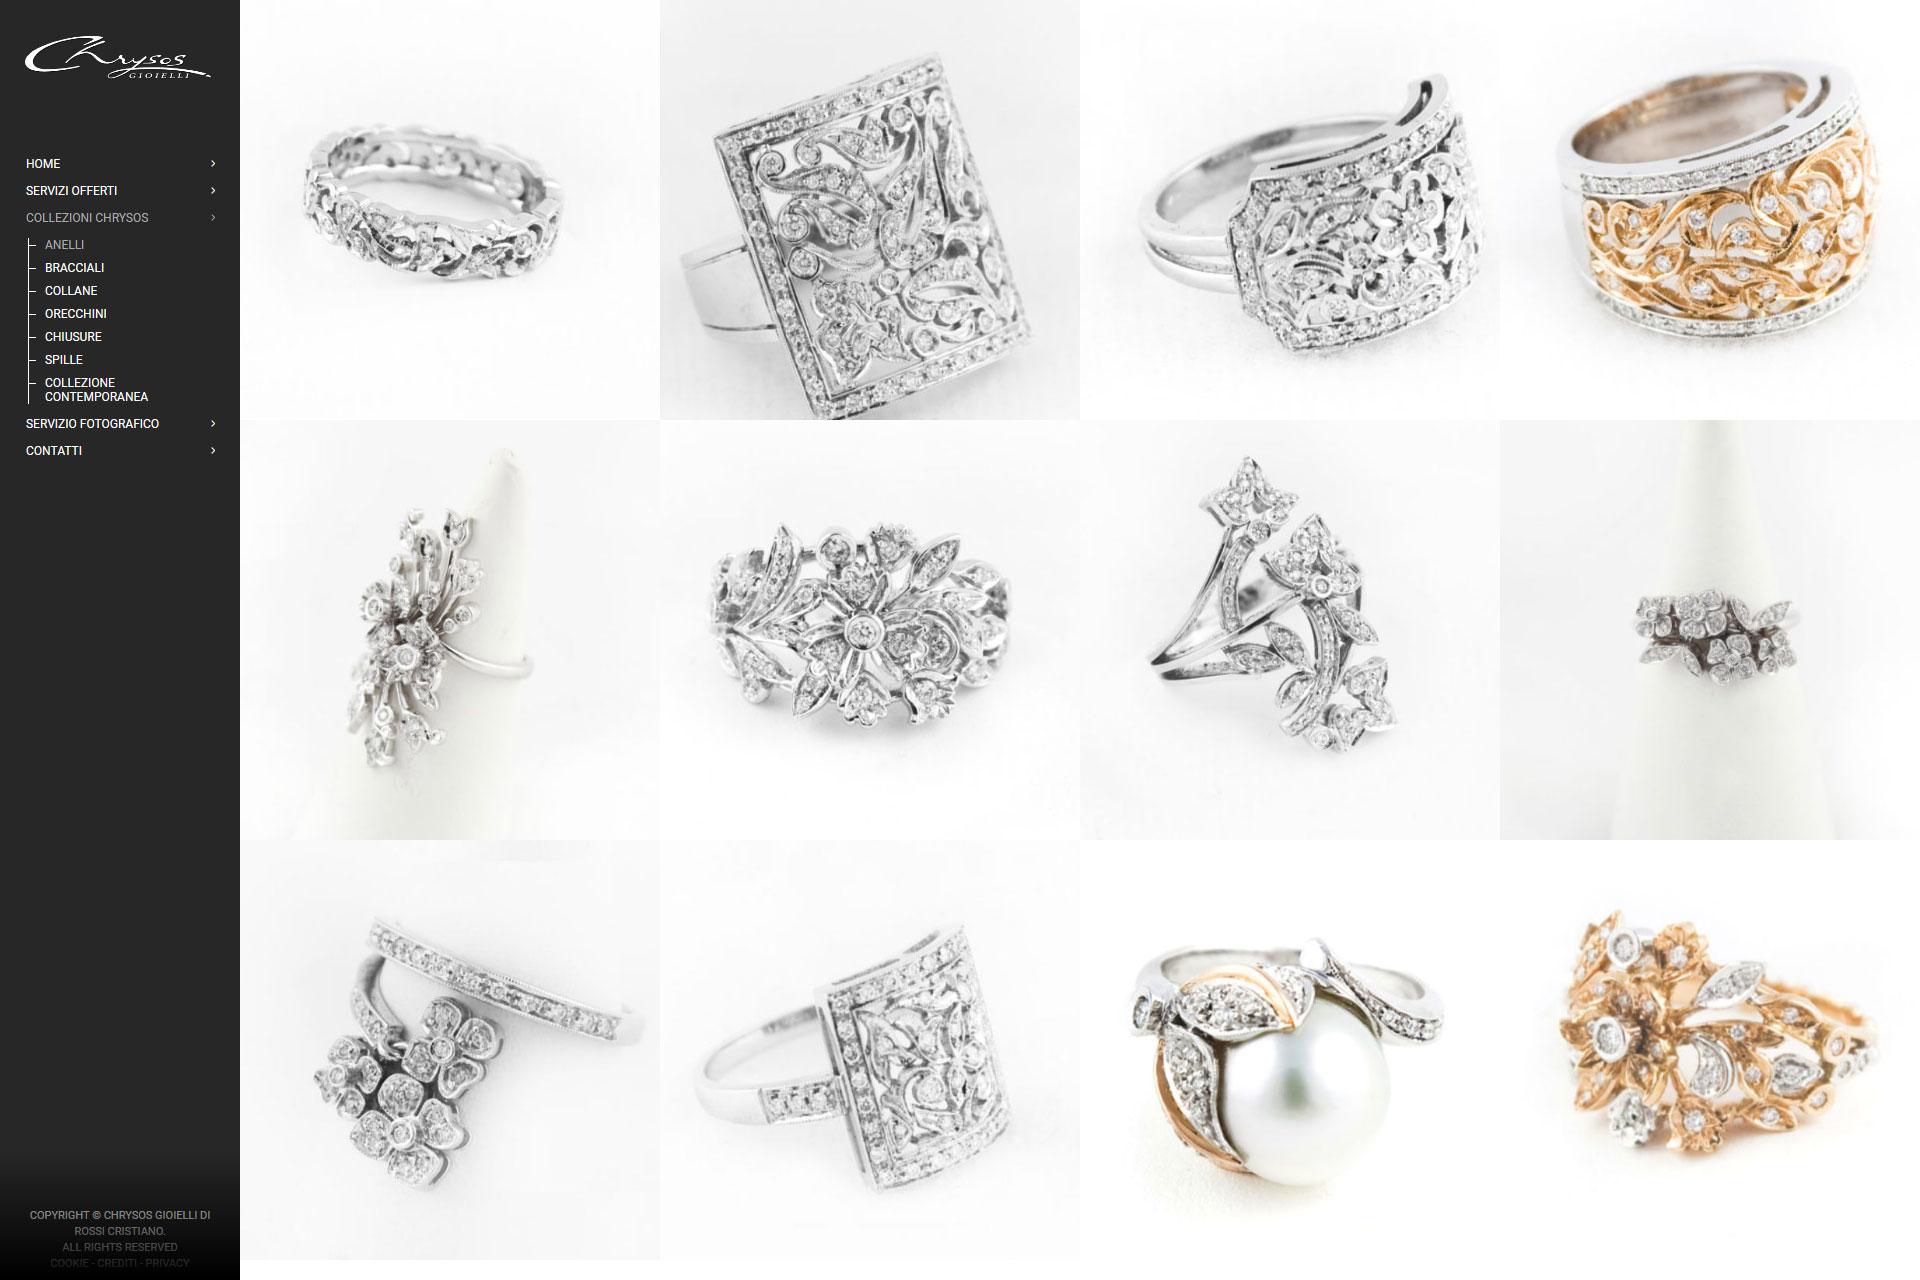 lv-design-realizzazione-siti-web-bologna-portfolio-chrysos-gioielli-slide-2